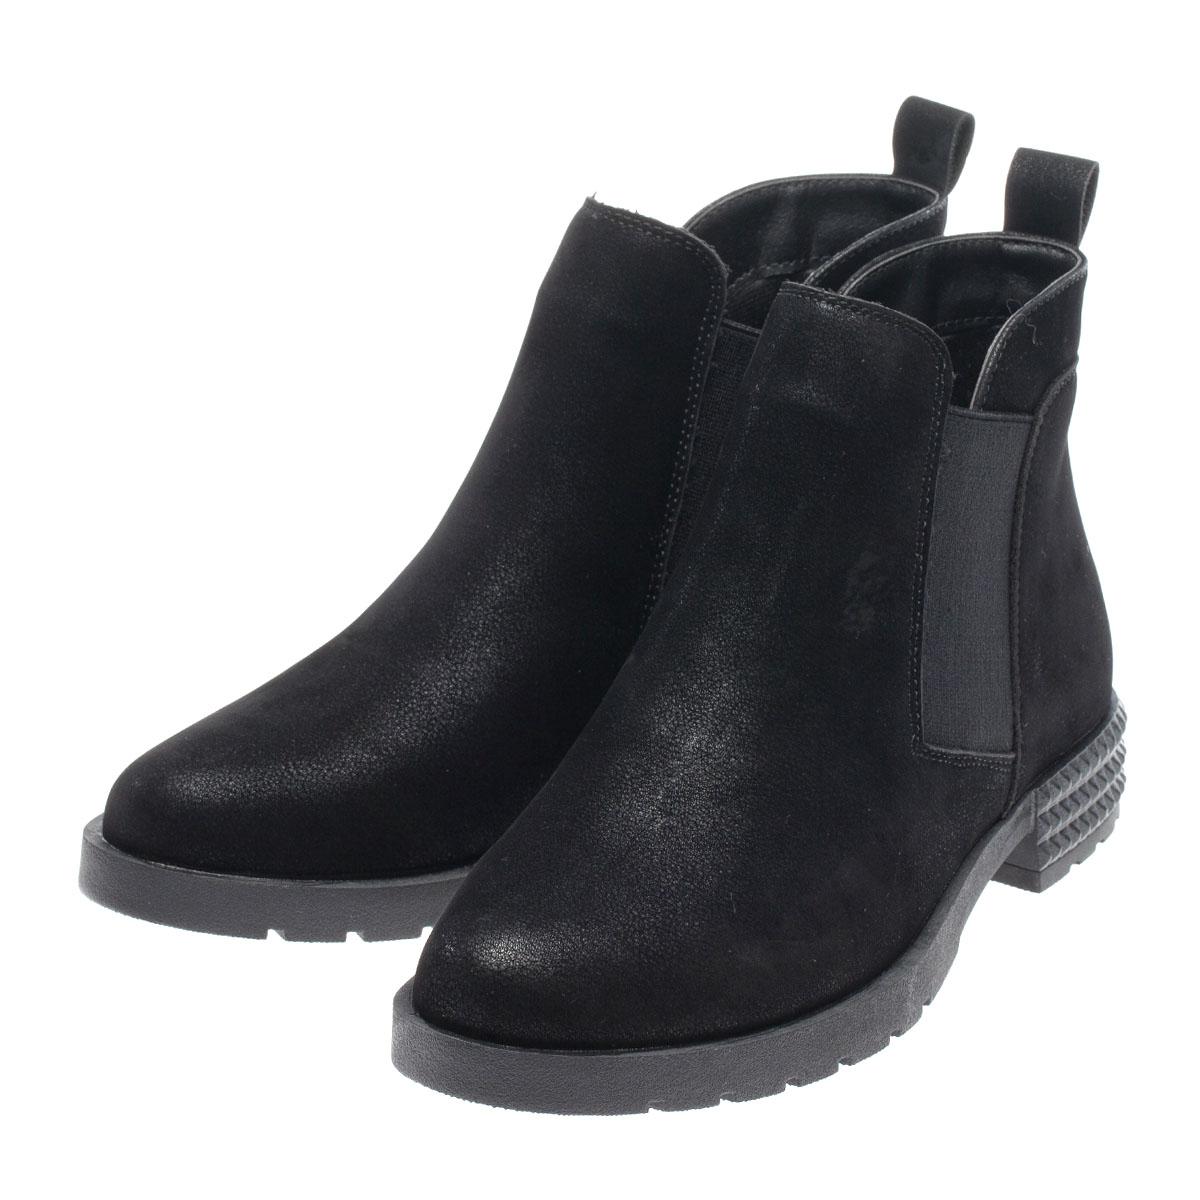 Фото - Ботинки демисезонные FERTO, D18-6197A-3 ботинки демисезонные ferto skl 008